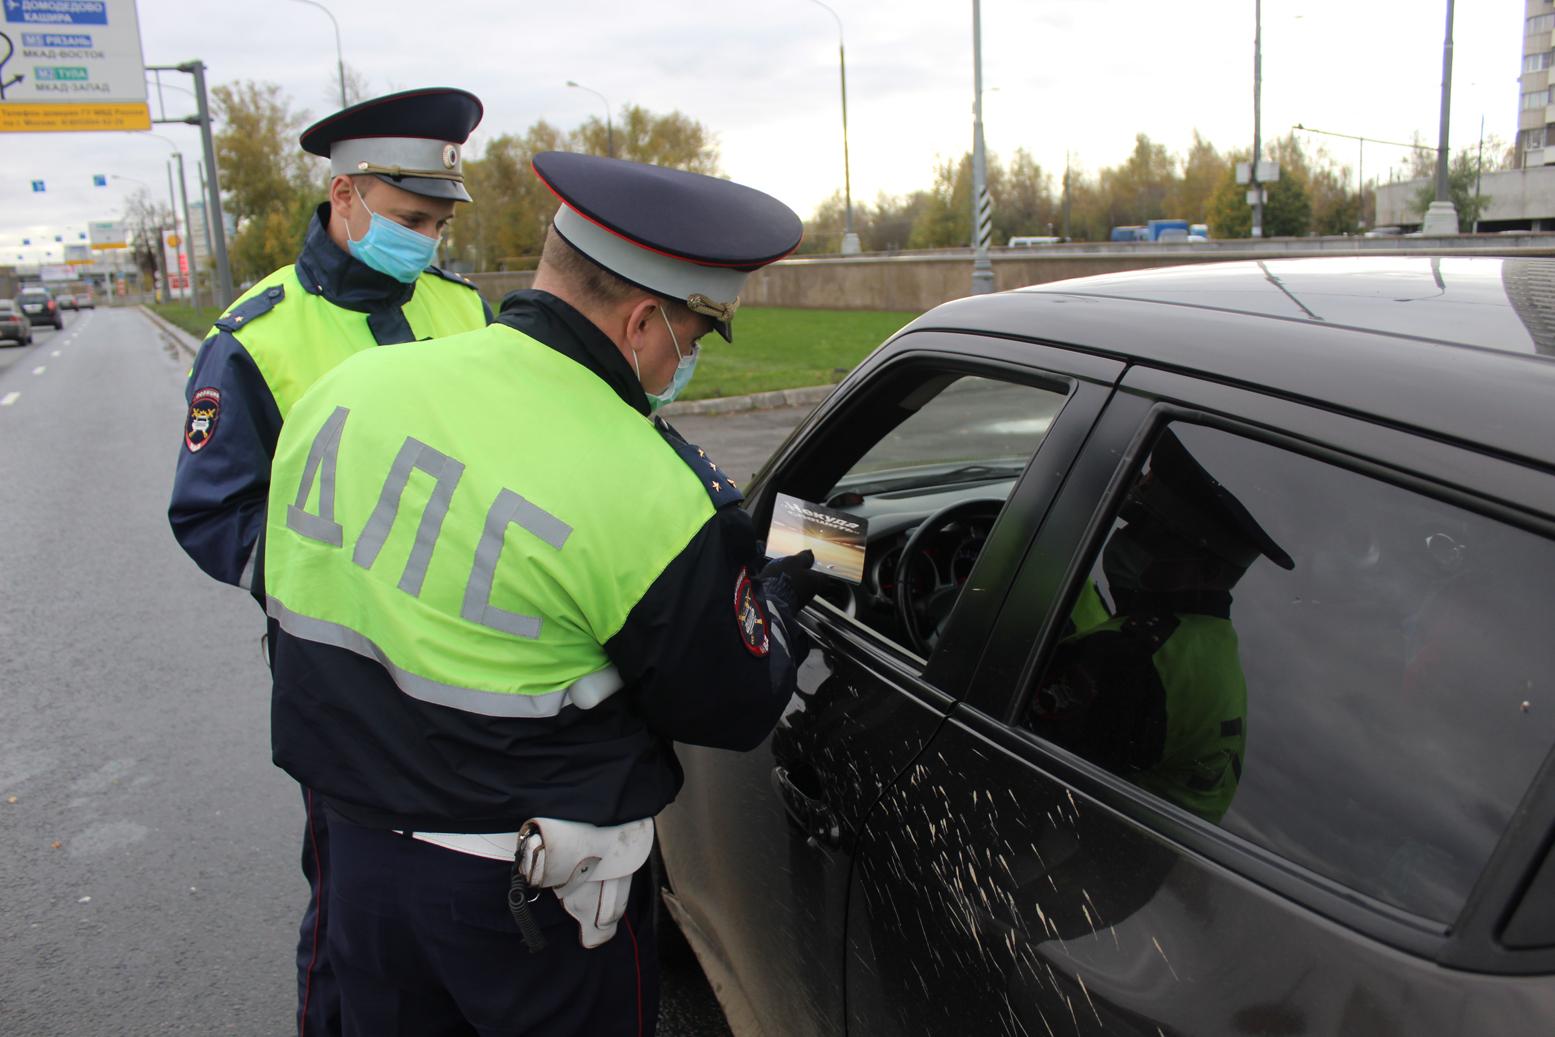 Дорожные полицейские Южного округа Москвы присоединились к поздравлениям автомобилистов